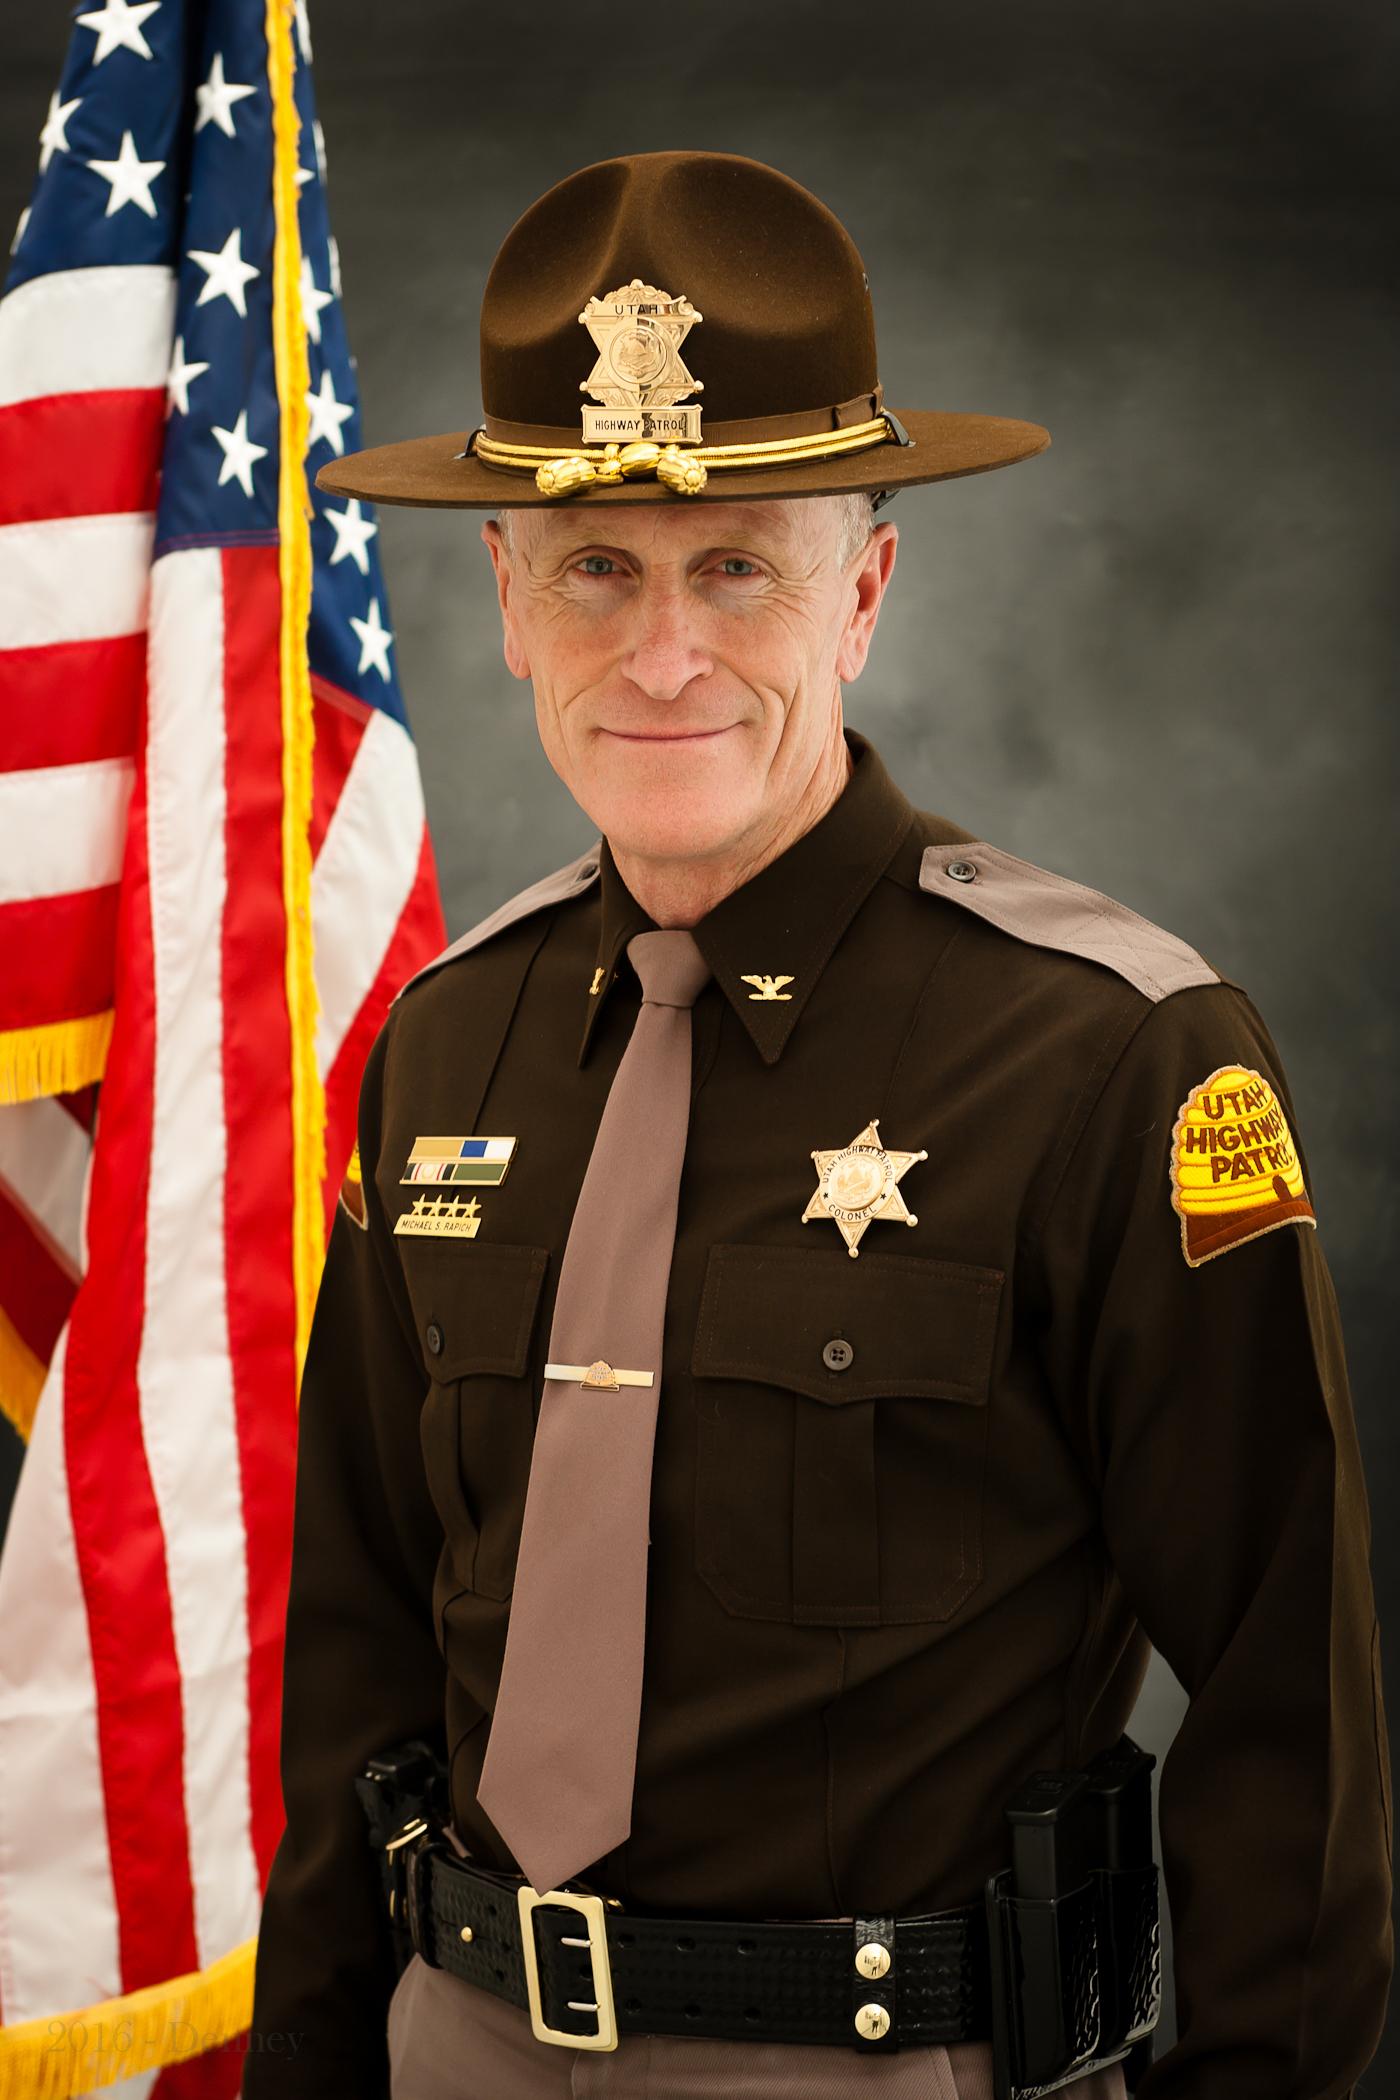 Superintendent of the Utah Highway Patrol